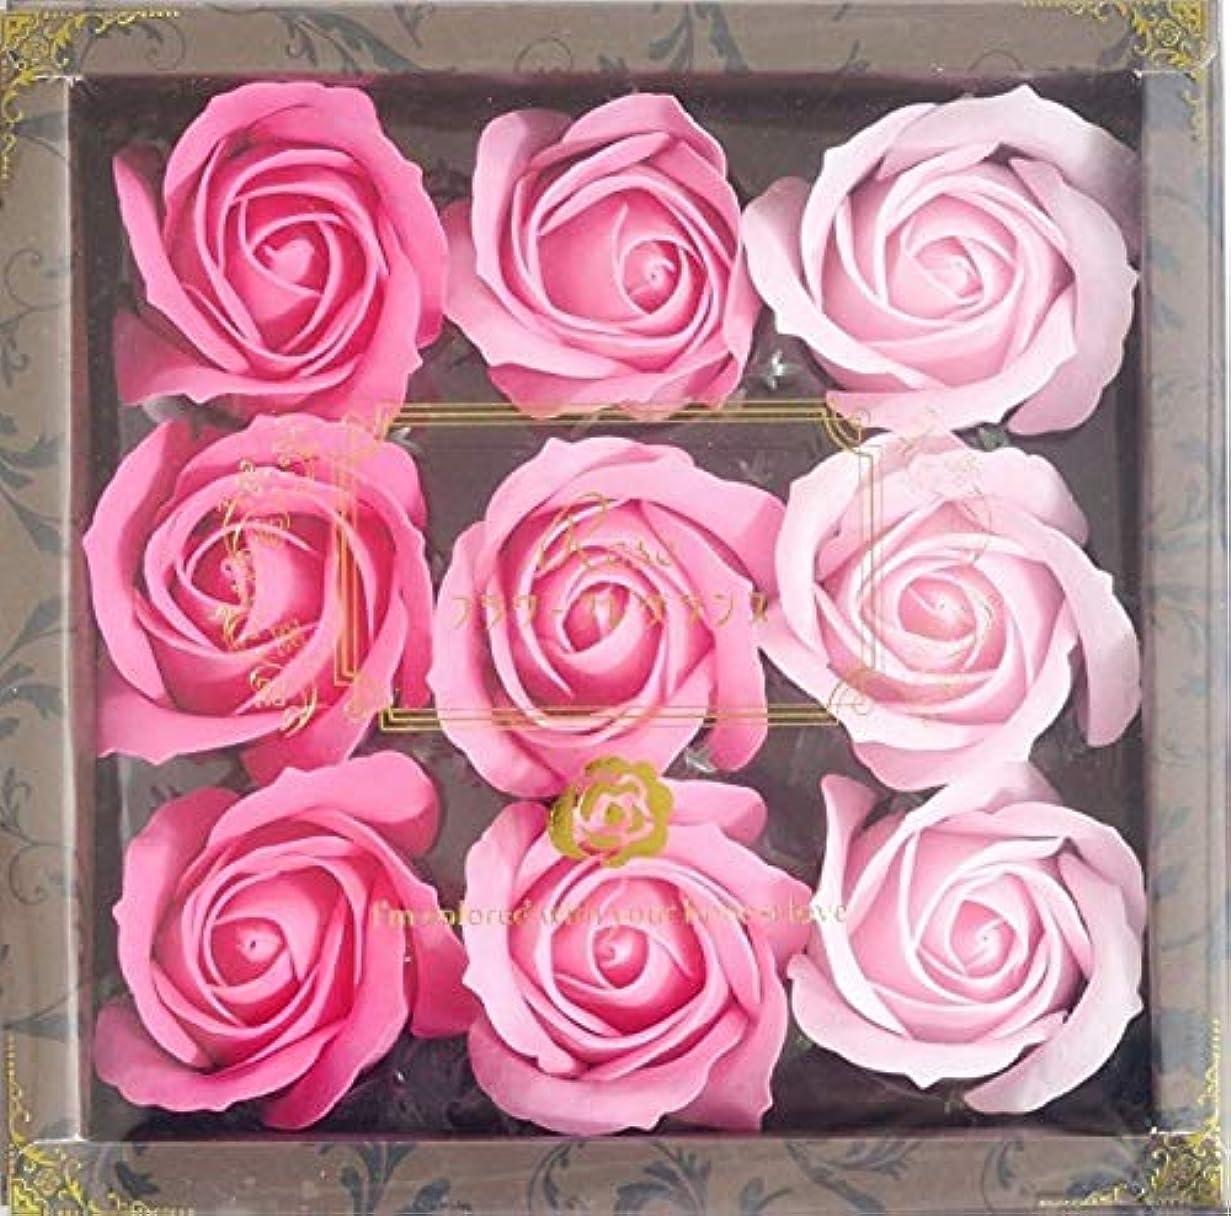 遅滞セッティング養うバスフレグランス バスフラワー ローズフレグランス ピンクカラー お花の形の入浴剤 プレゼント ばら ギフト